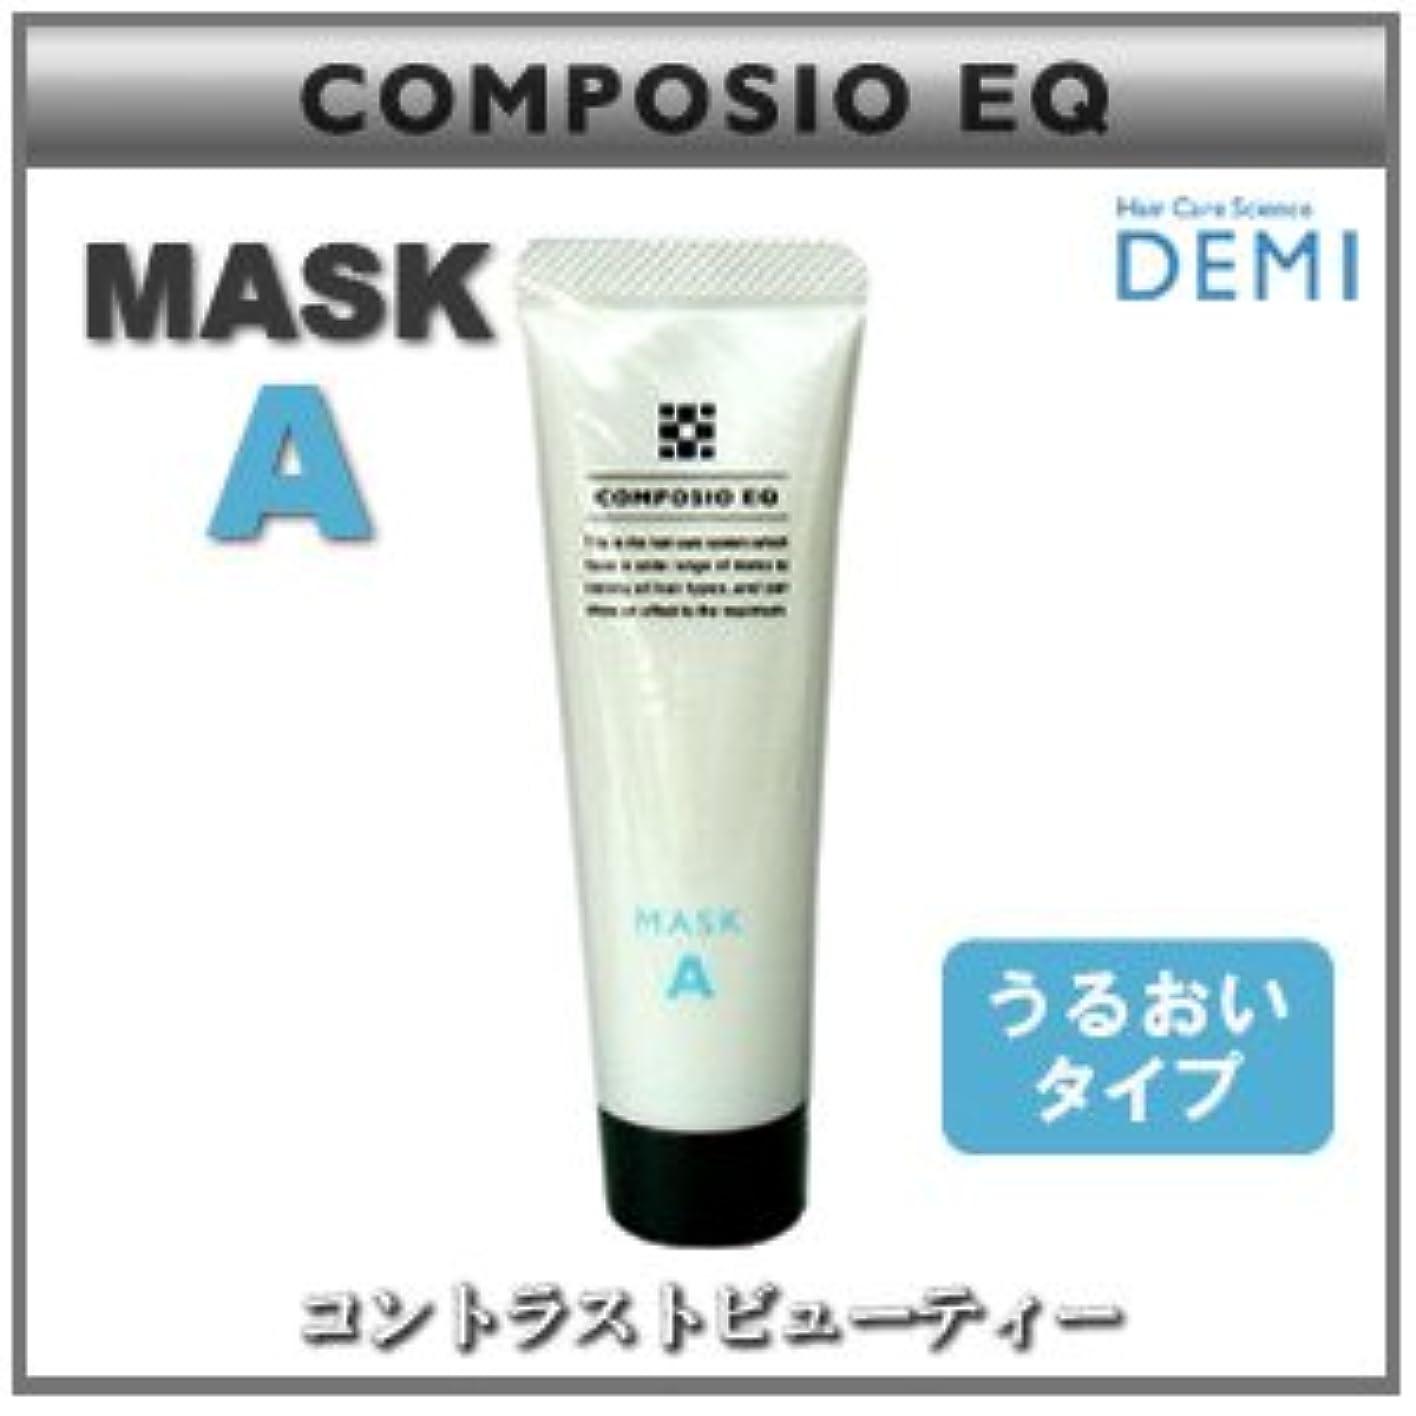 ベッドを作る女王公園【X4個セット】 デミ コンポジオ EQ マスク A 50g